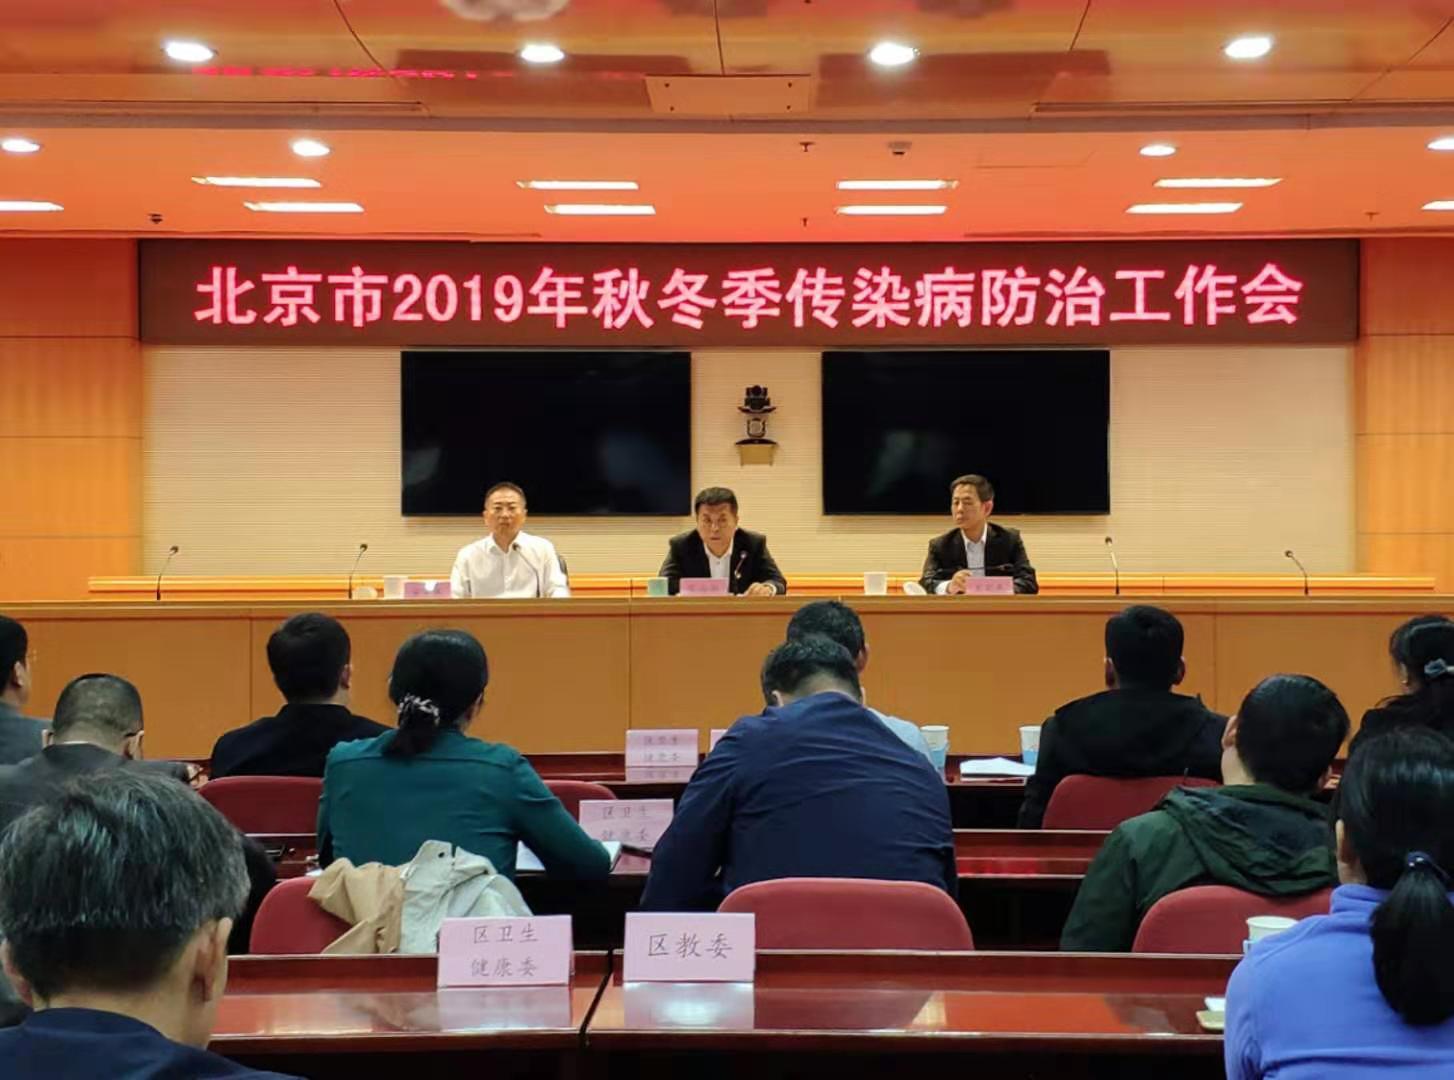 北京流感未进入流行季 病毒活动度本月起逐渐增强